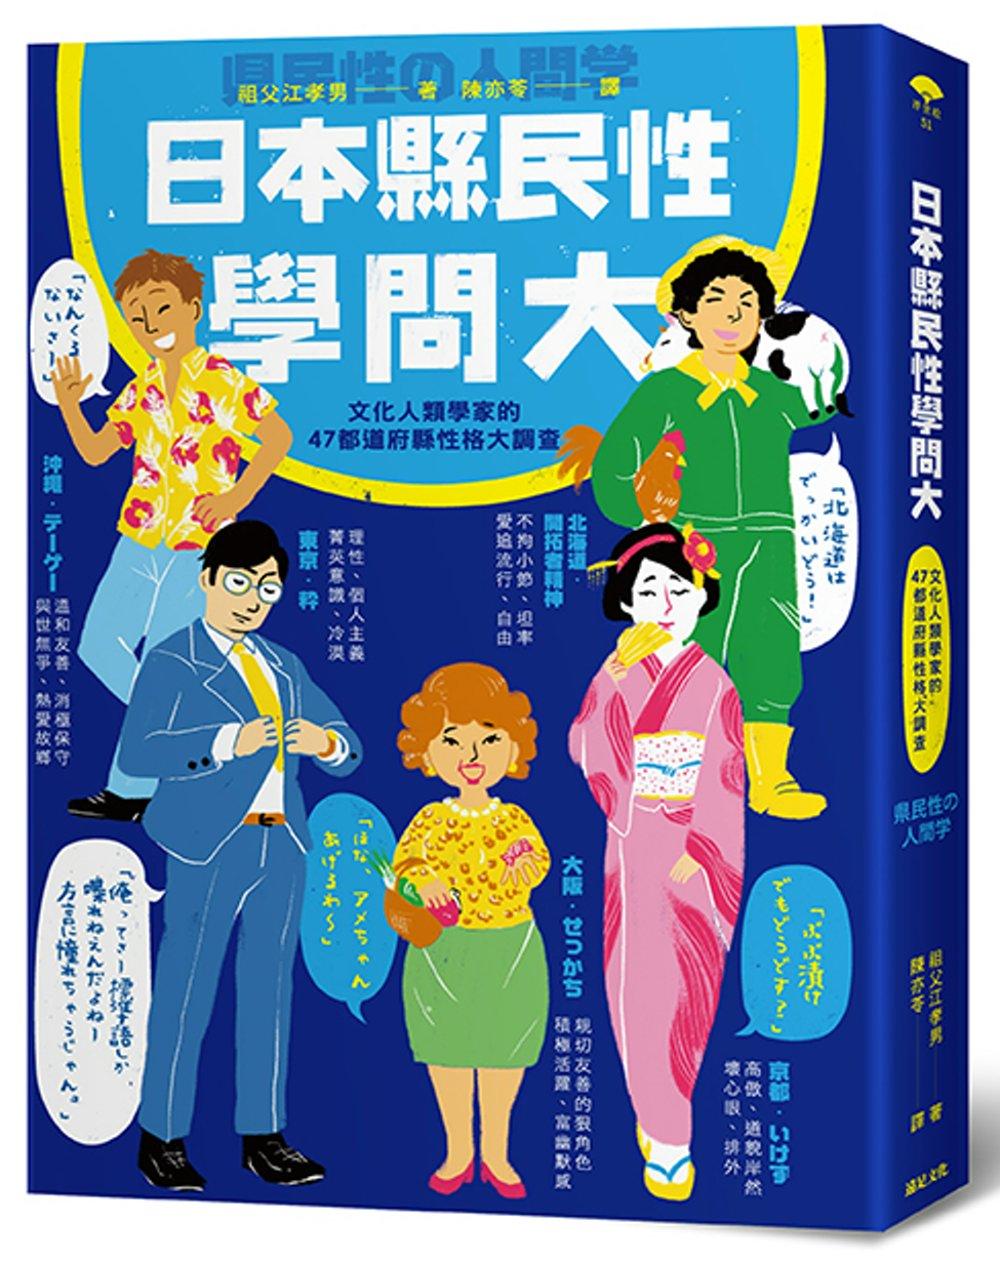 日本縣民性學問大:文化人類學家的47都道府縣性格大調查